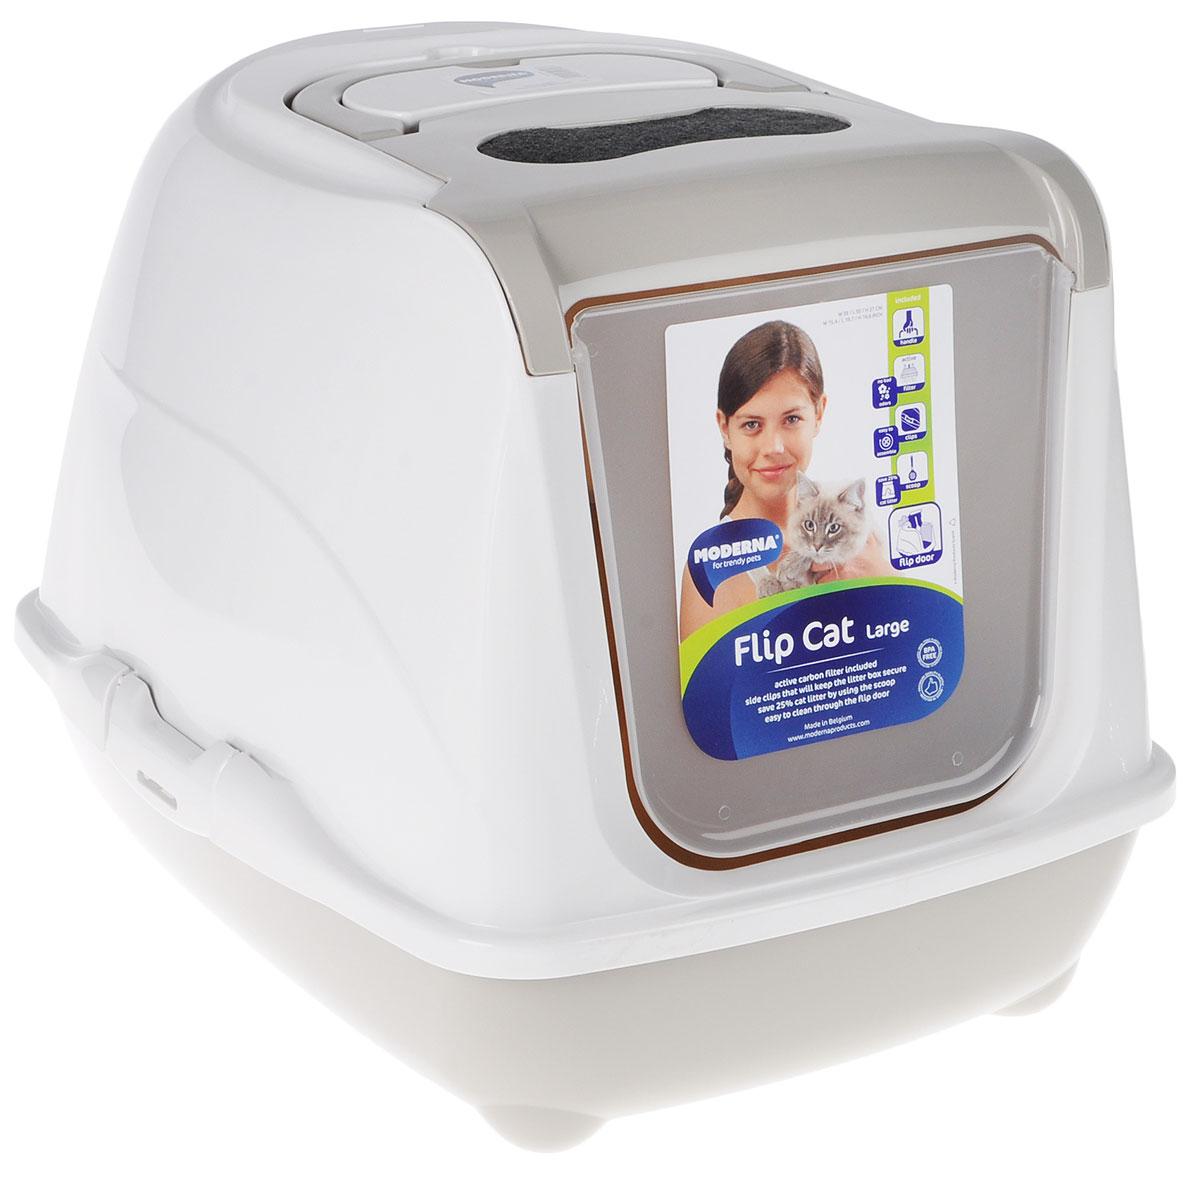 Туалет для кошек Moderna Flip Cat, закрытый, цвет: светло-серый, молочный, 50 х 39 х 37 см14C230330Закрытый туалет для кошек Flip Cat выполнен из высококачественного пластика. Туалет оснащен прозрачной открывающейся дверцей, сменным фильтром и удобной ручкой для переноски. Такой туалет избавит ваш дом от неприятного запаха и разбросанных повсюду частичек наполнителя. Кошка в таком туалете будет чувствовать себя увереннее, ведь в этом укромном уголке ее никто не увидит. Кроме того, яркий дизайн с легкостью впишется в интерьер вашего дома. Туалет легко открывается для чистки благодаря практичным защелкам по бокам.